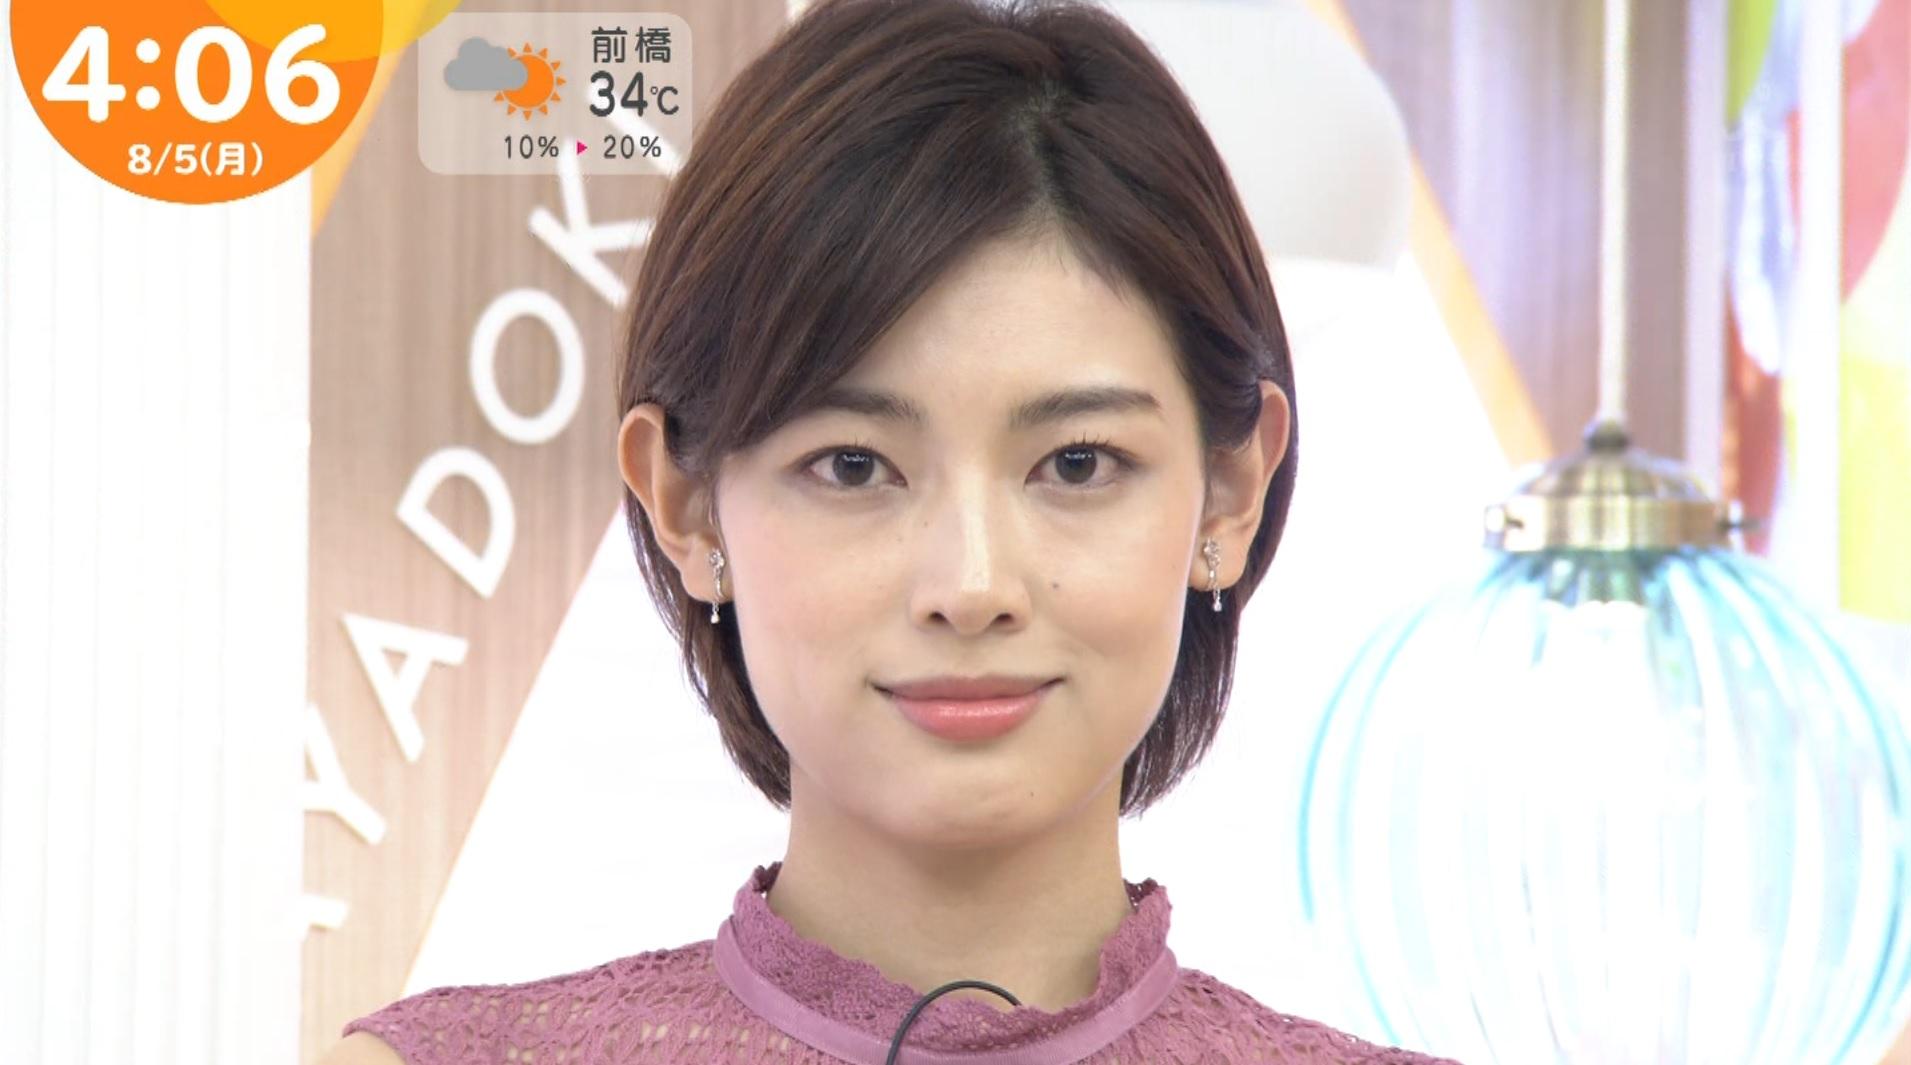 フリーアナウンサー・中西悠理さん出演「はやドキ!」のテレビキャプチャー画像-064